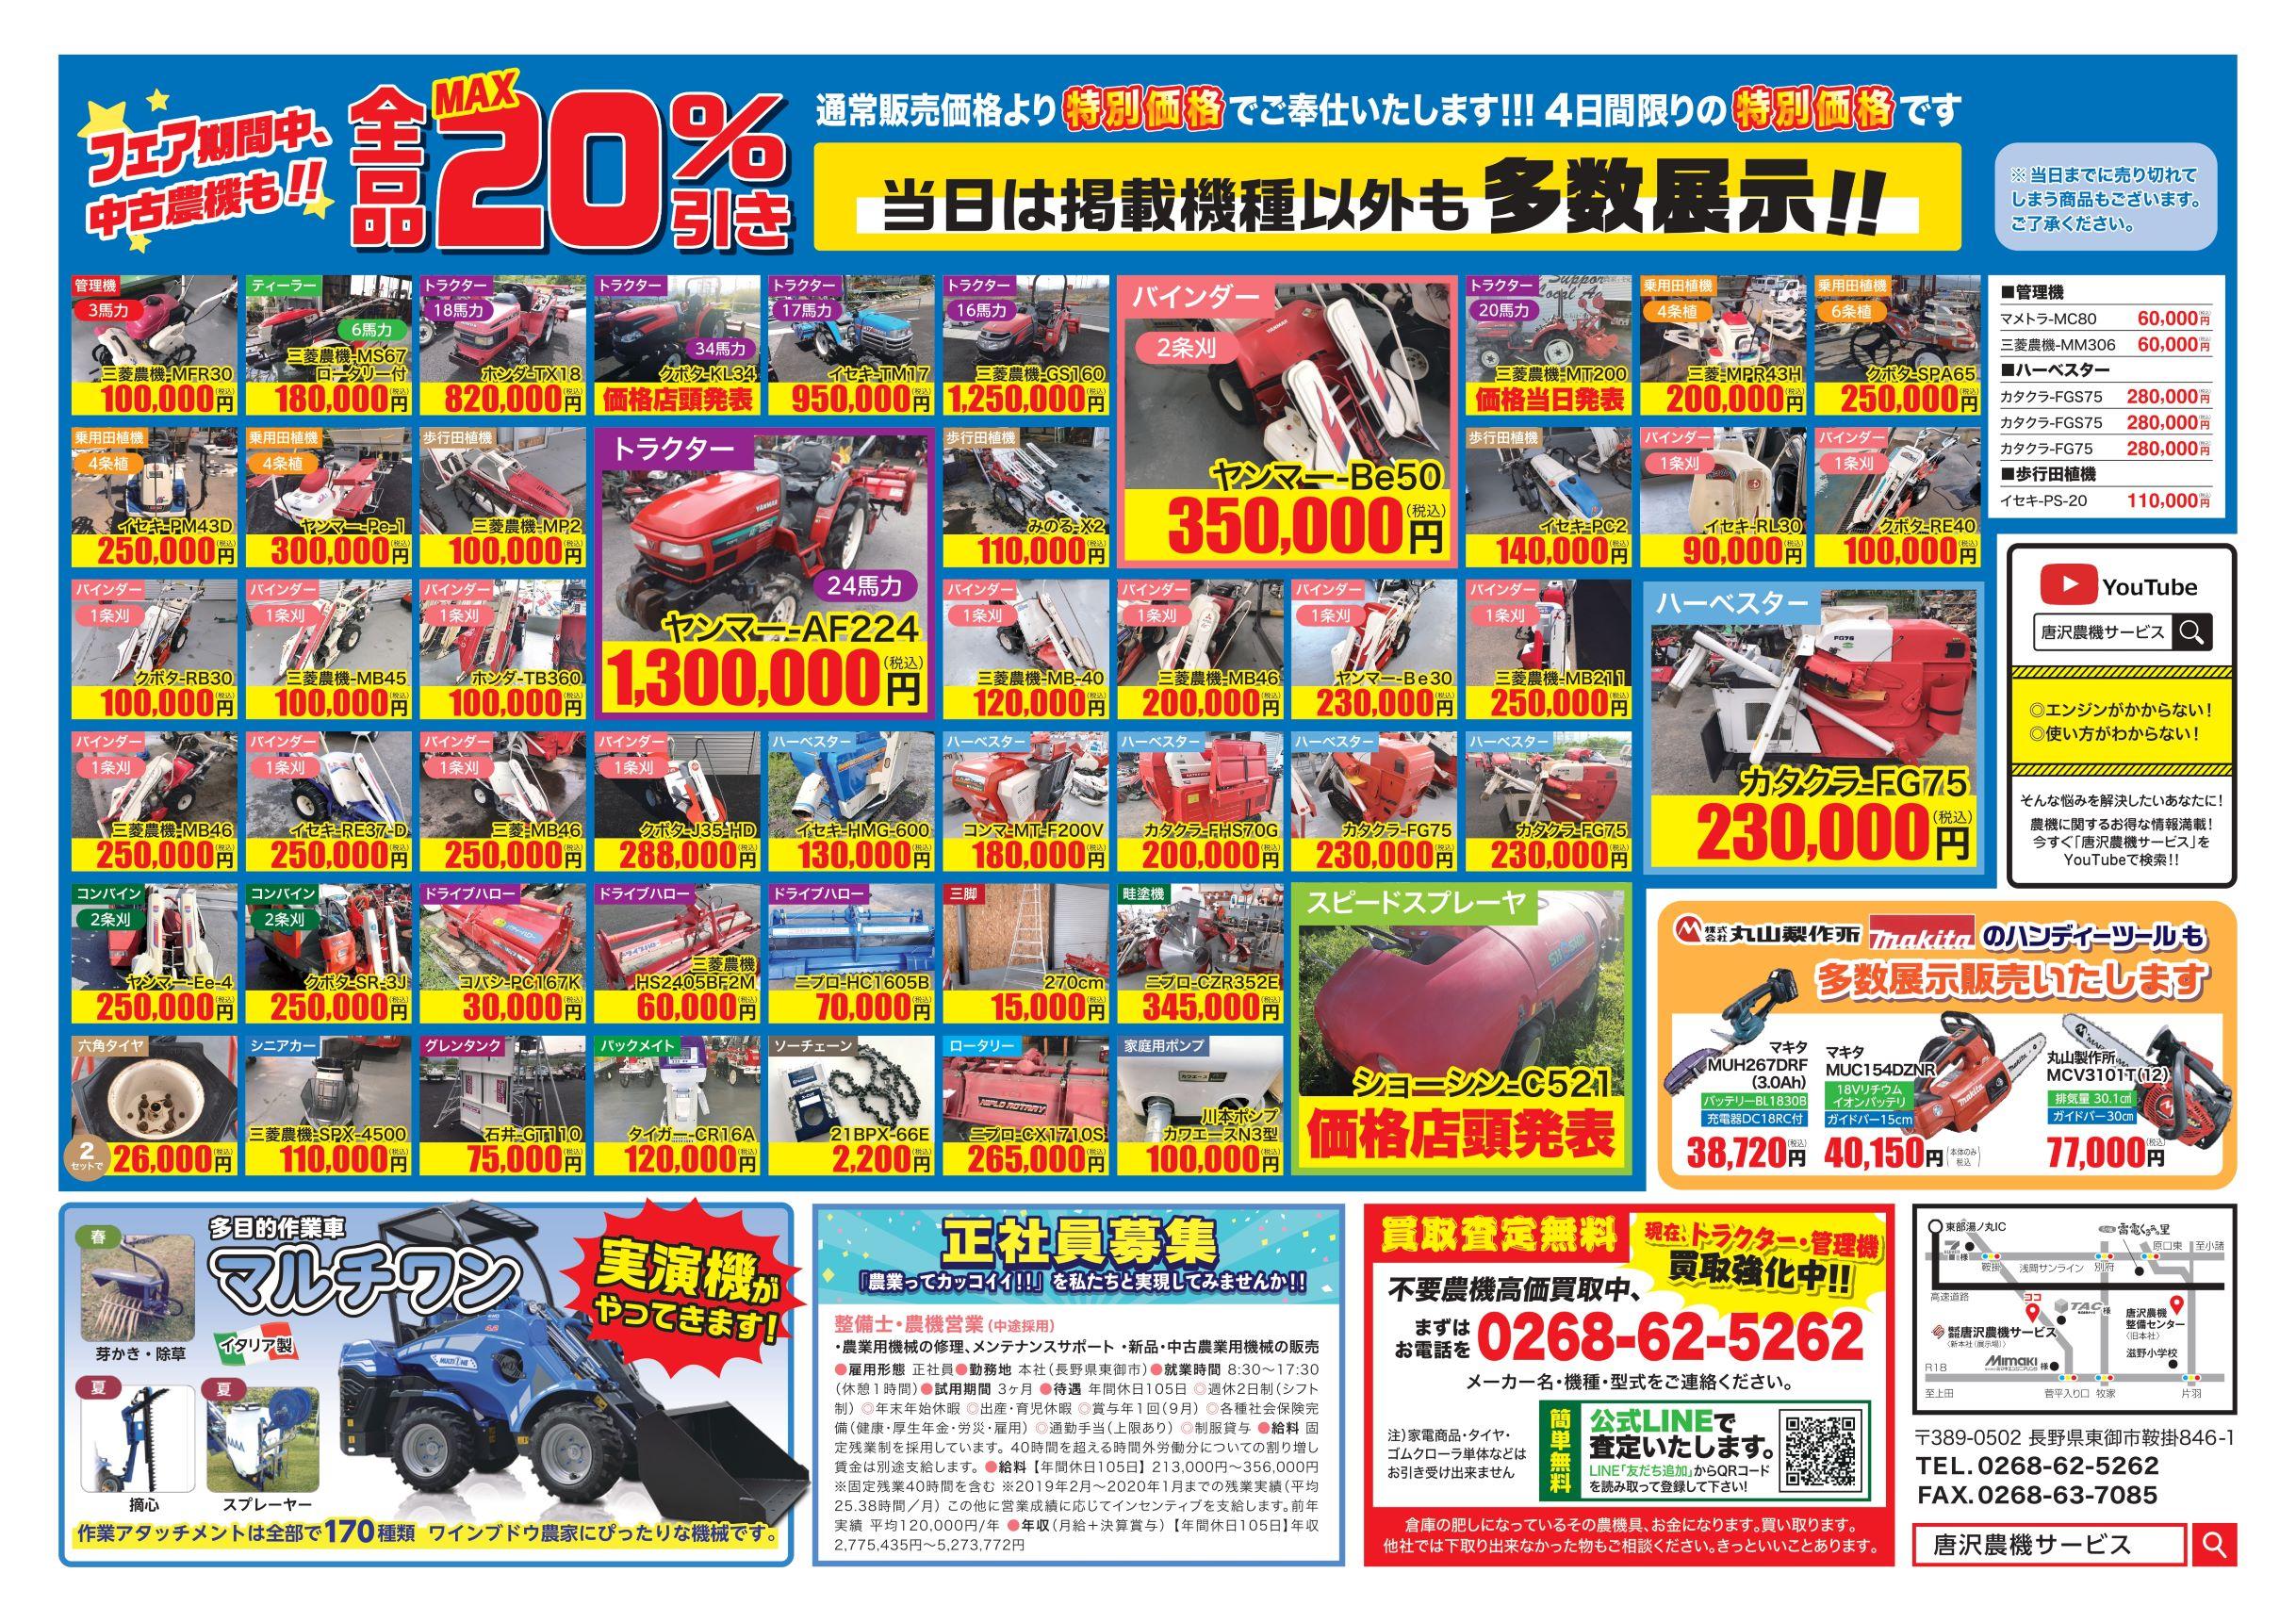 唐沢農機 フェア 2021年8月